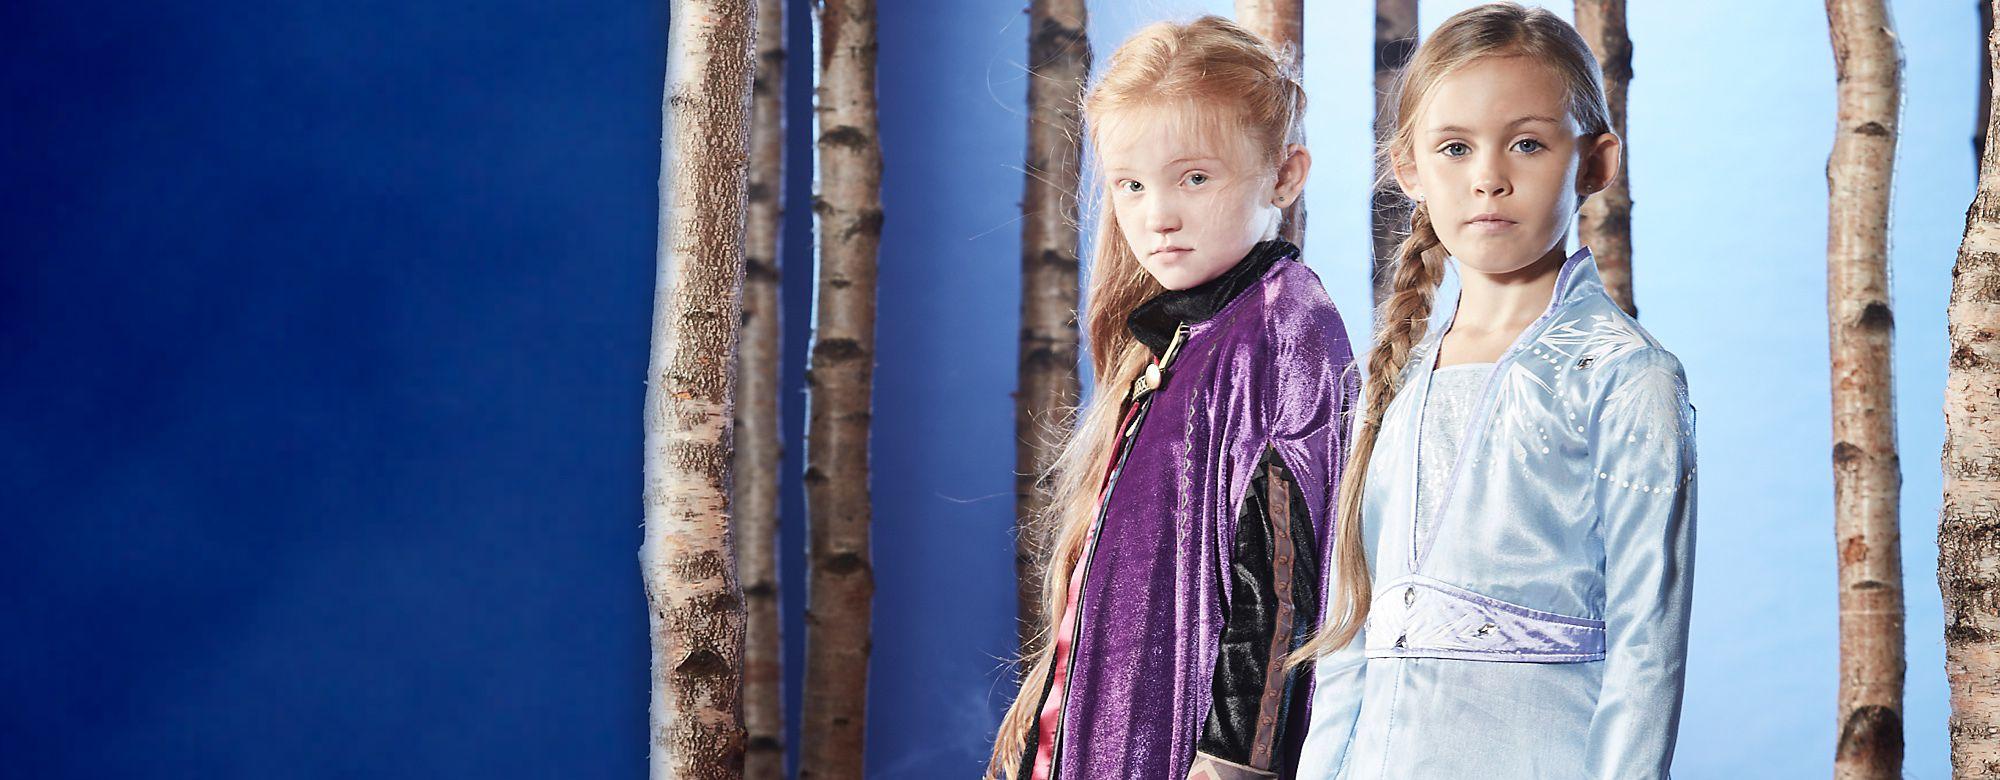 Disfarces Frozen 2 Descobre os nossos disfarces mágicos de Arendelle COMPRAR